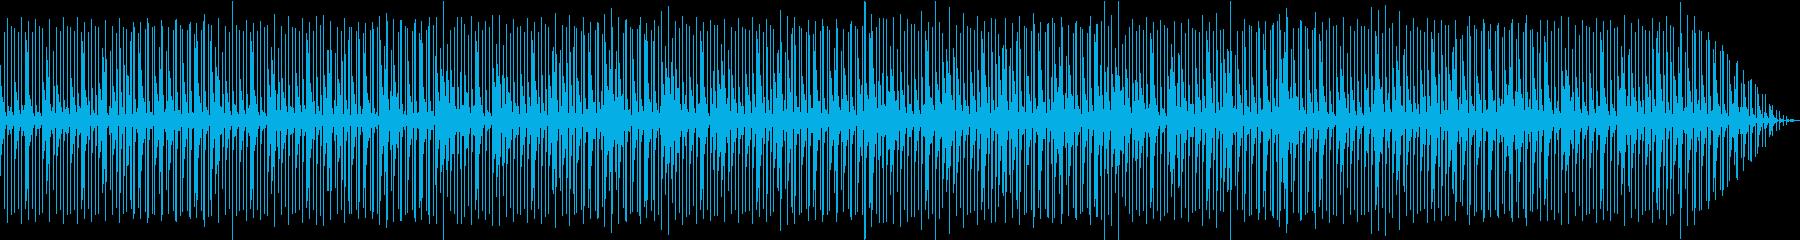 くつろぎchill beat の再生済みの波形